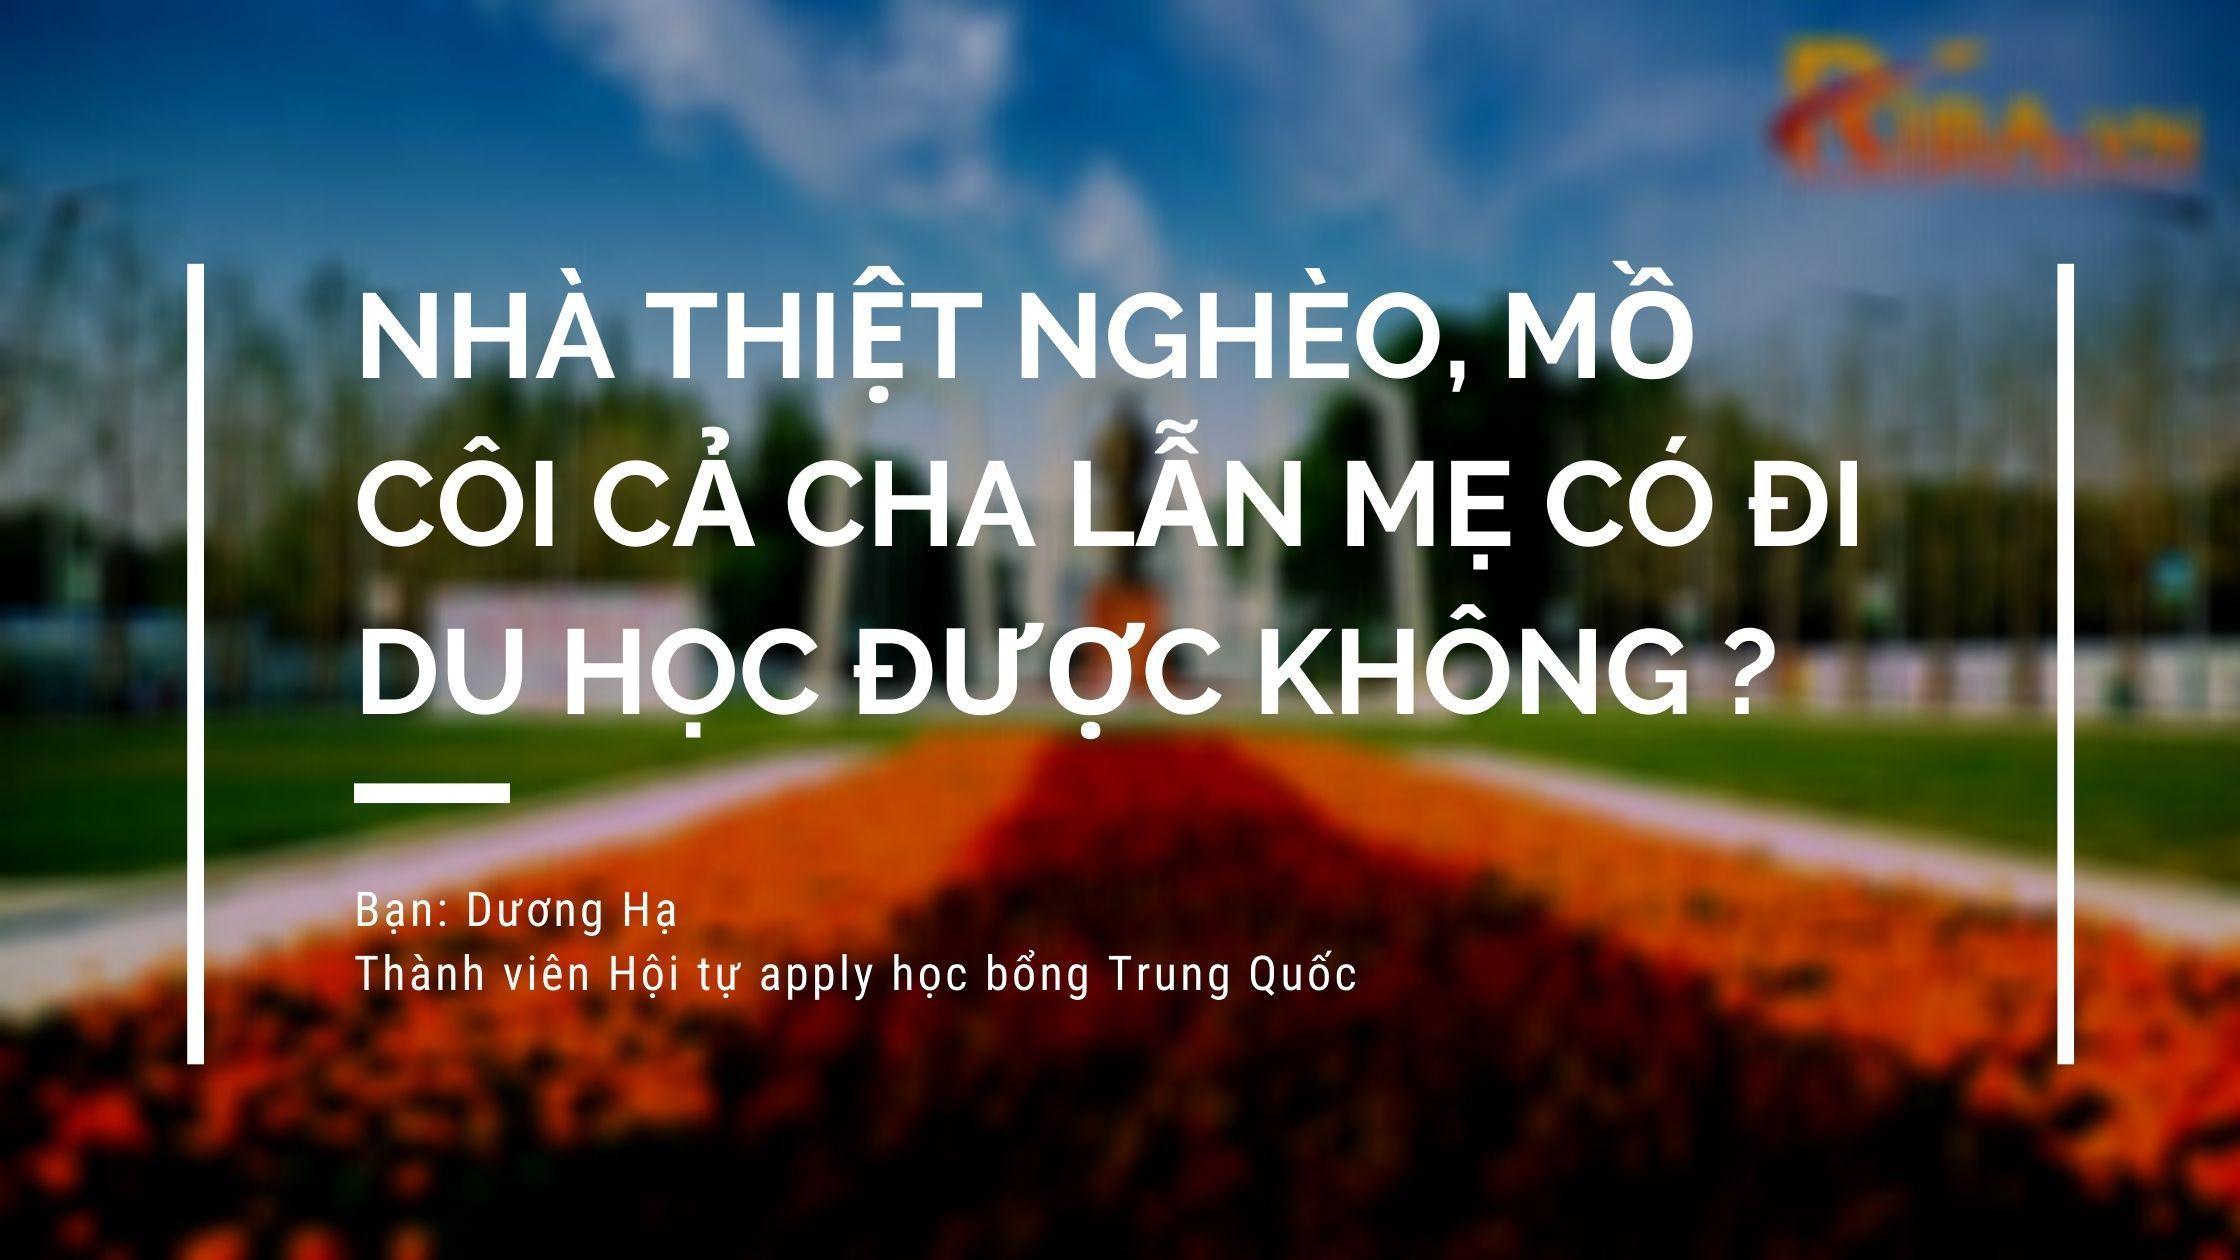 Nhà Thiệt Nghèo, Mồ Côi Cả Cha Lẫn Mẹ Có Đi Du Học Trung Quốc Được Không?